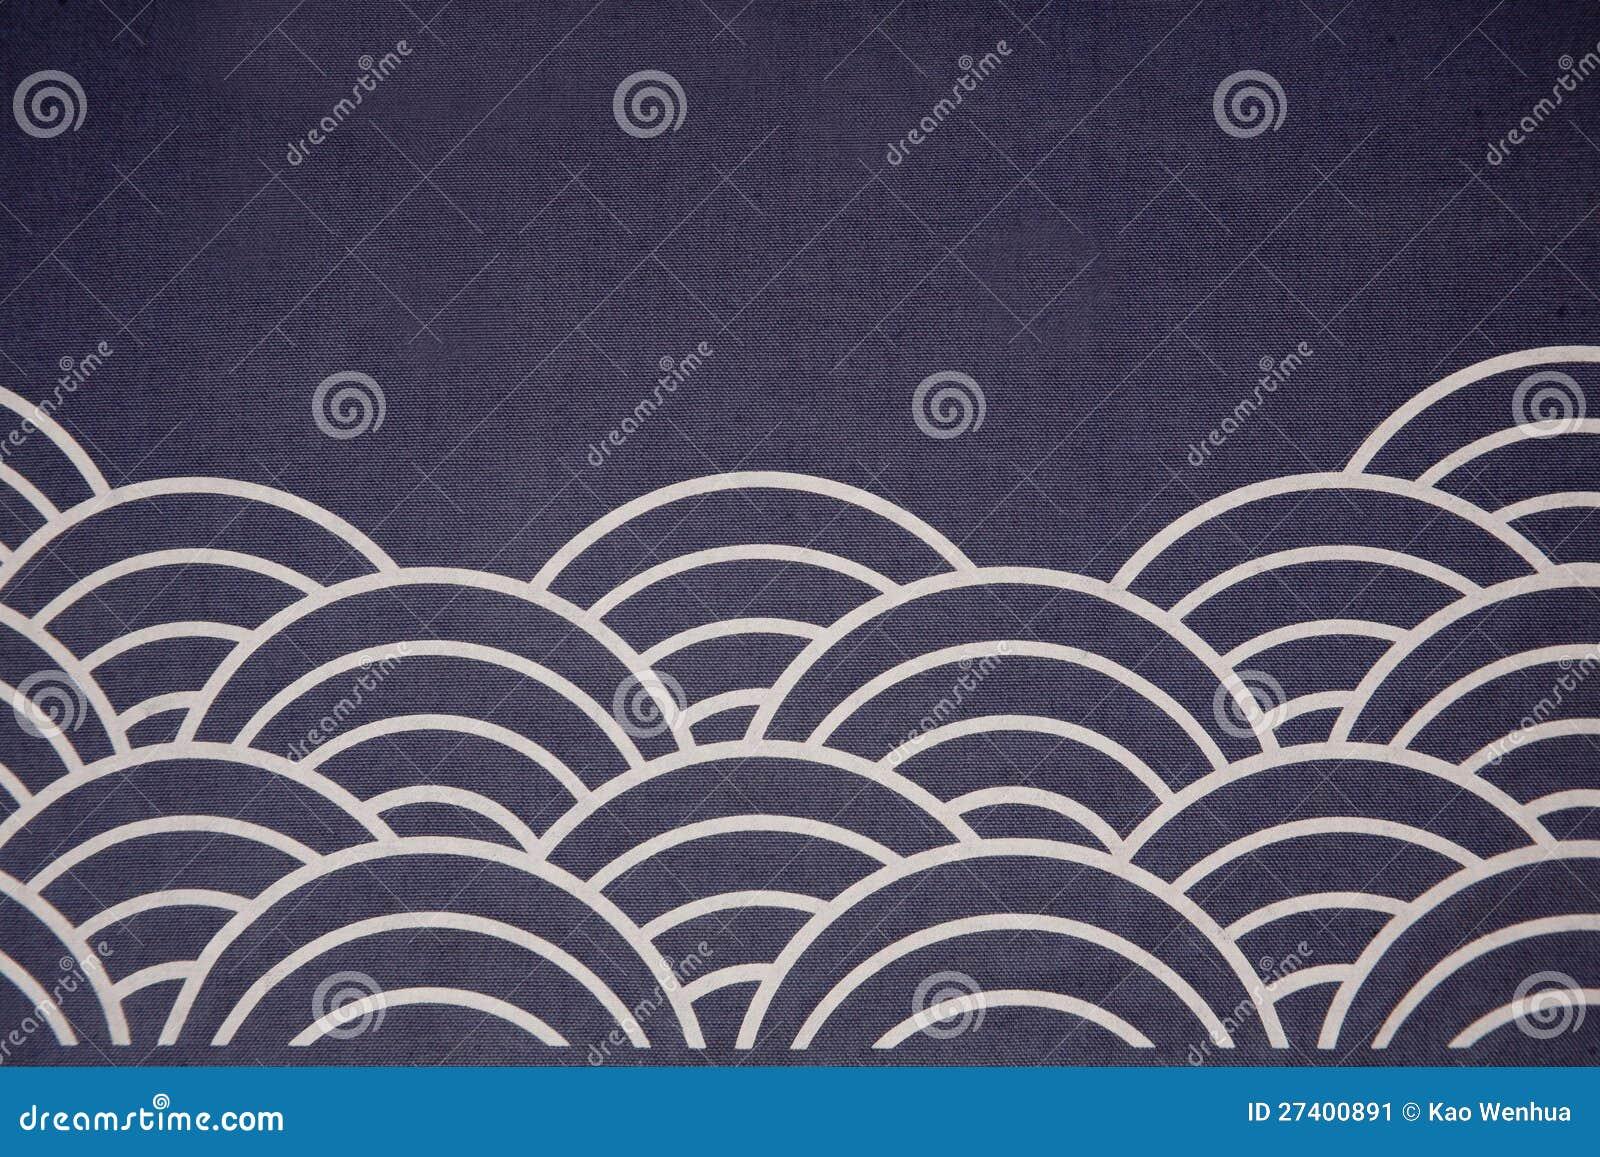 Wave Flag Japanese Style Stock Image Image